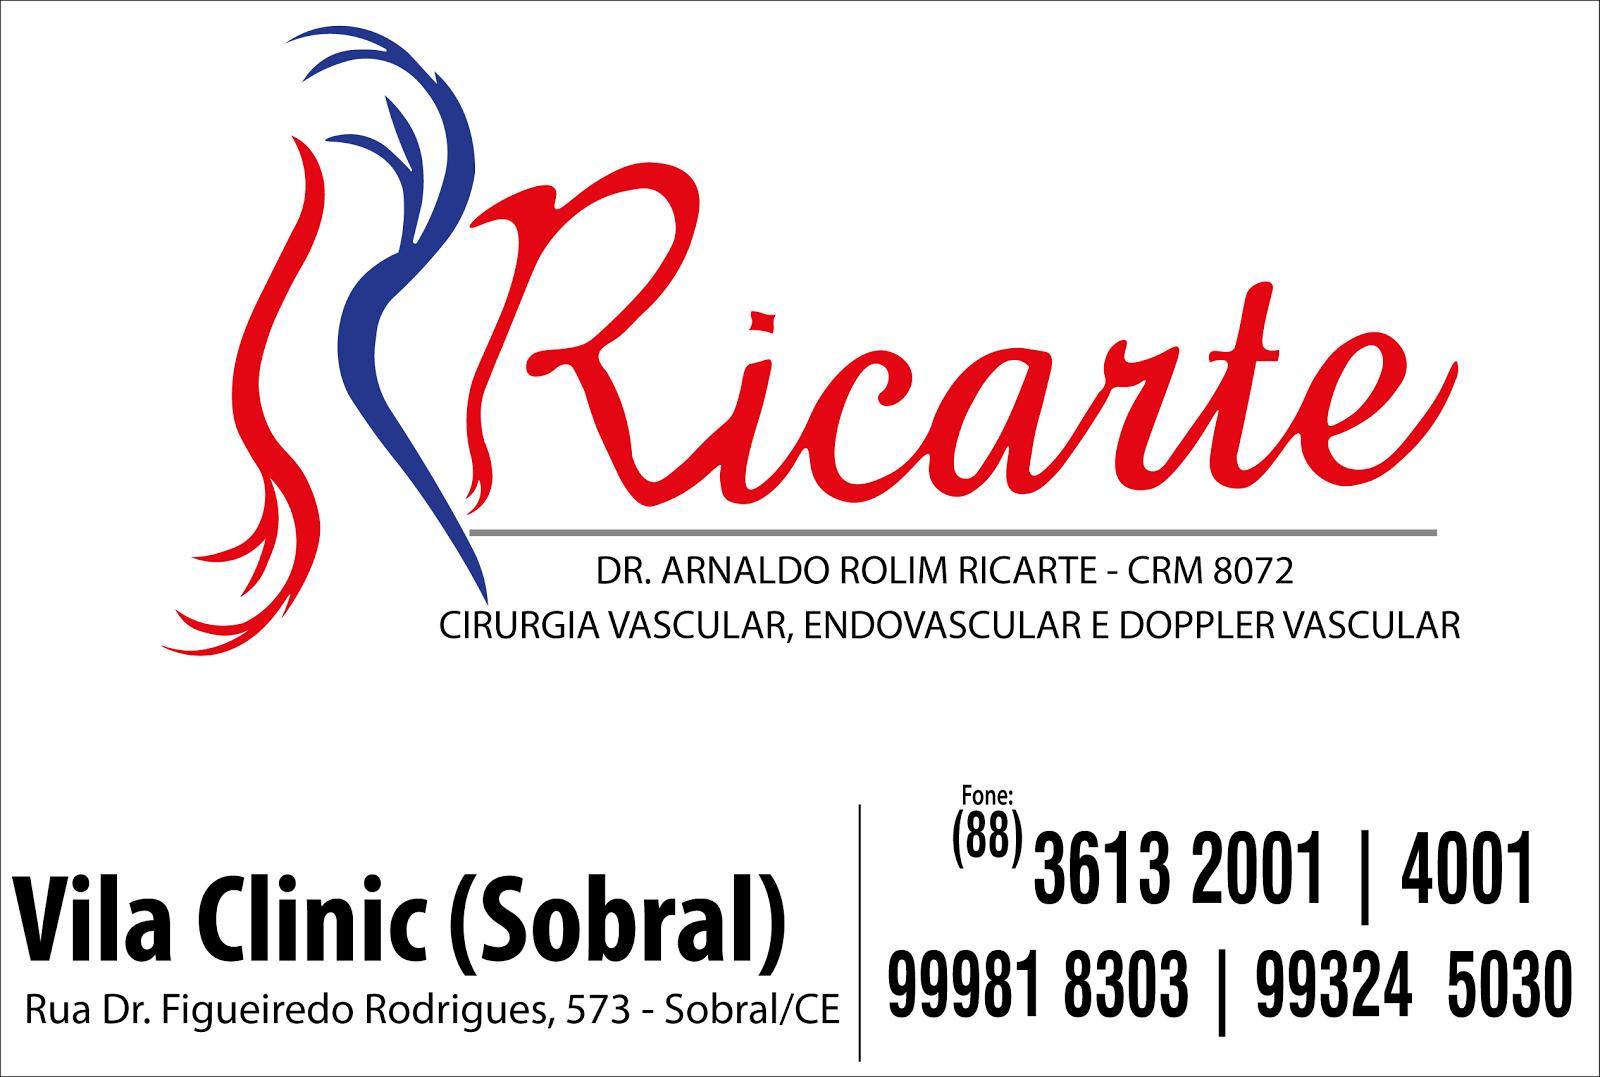 Dr. ARNALDO ROLIM RICARTE